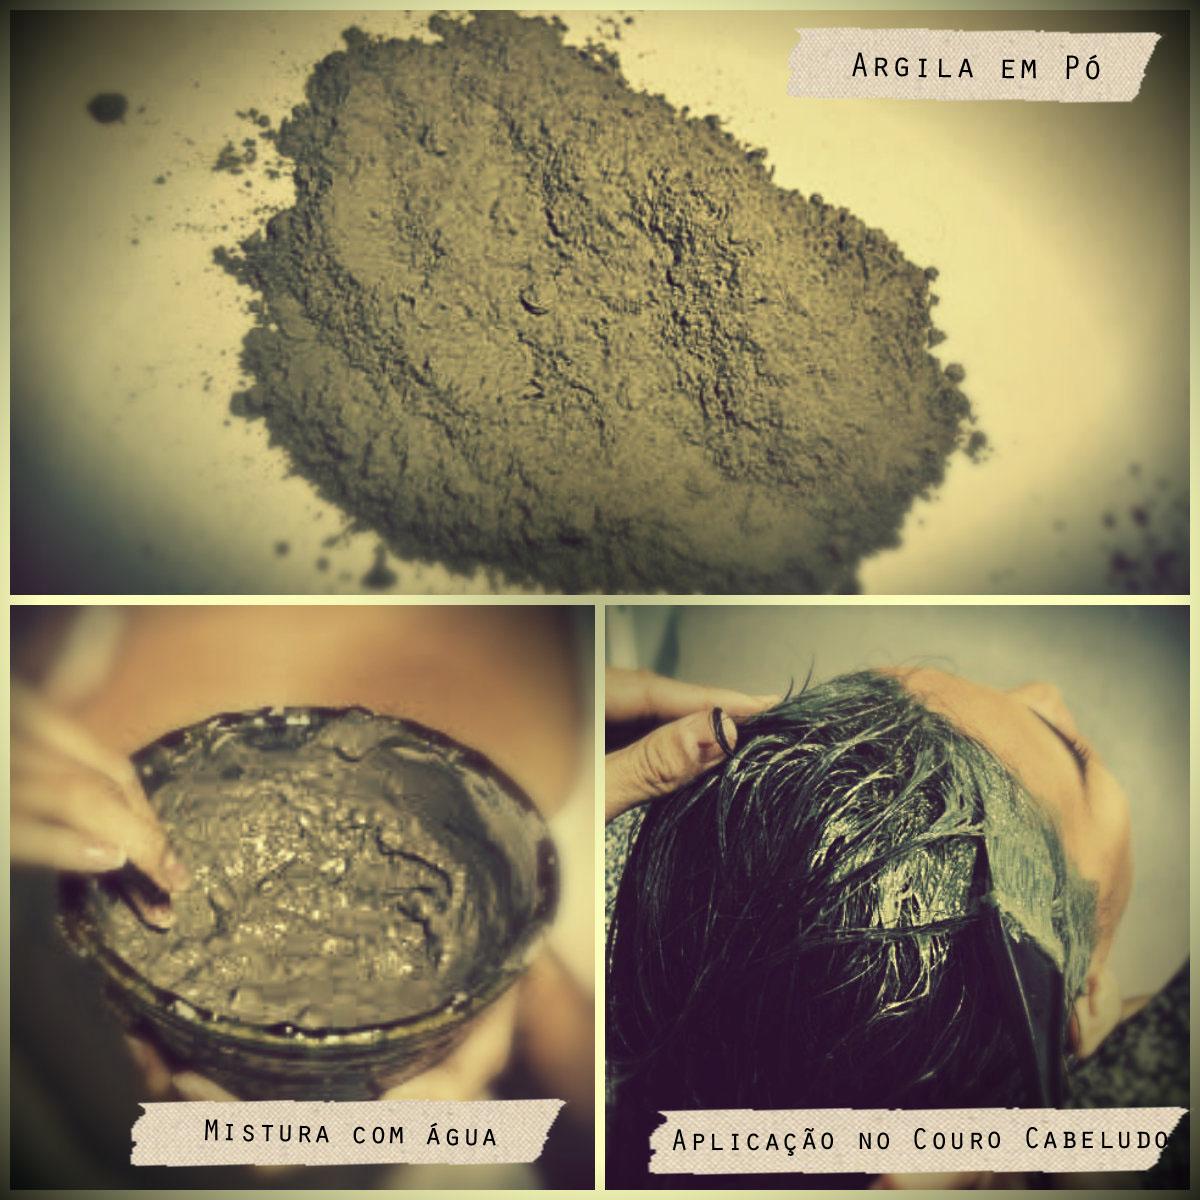 tratamento-argila